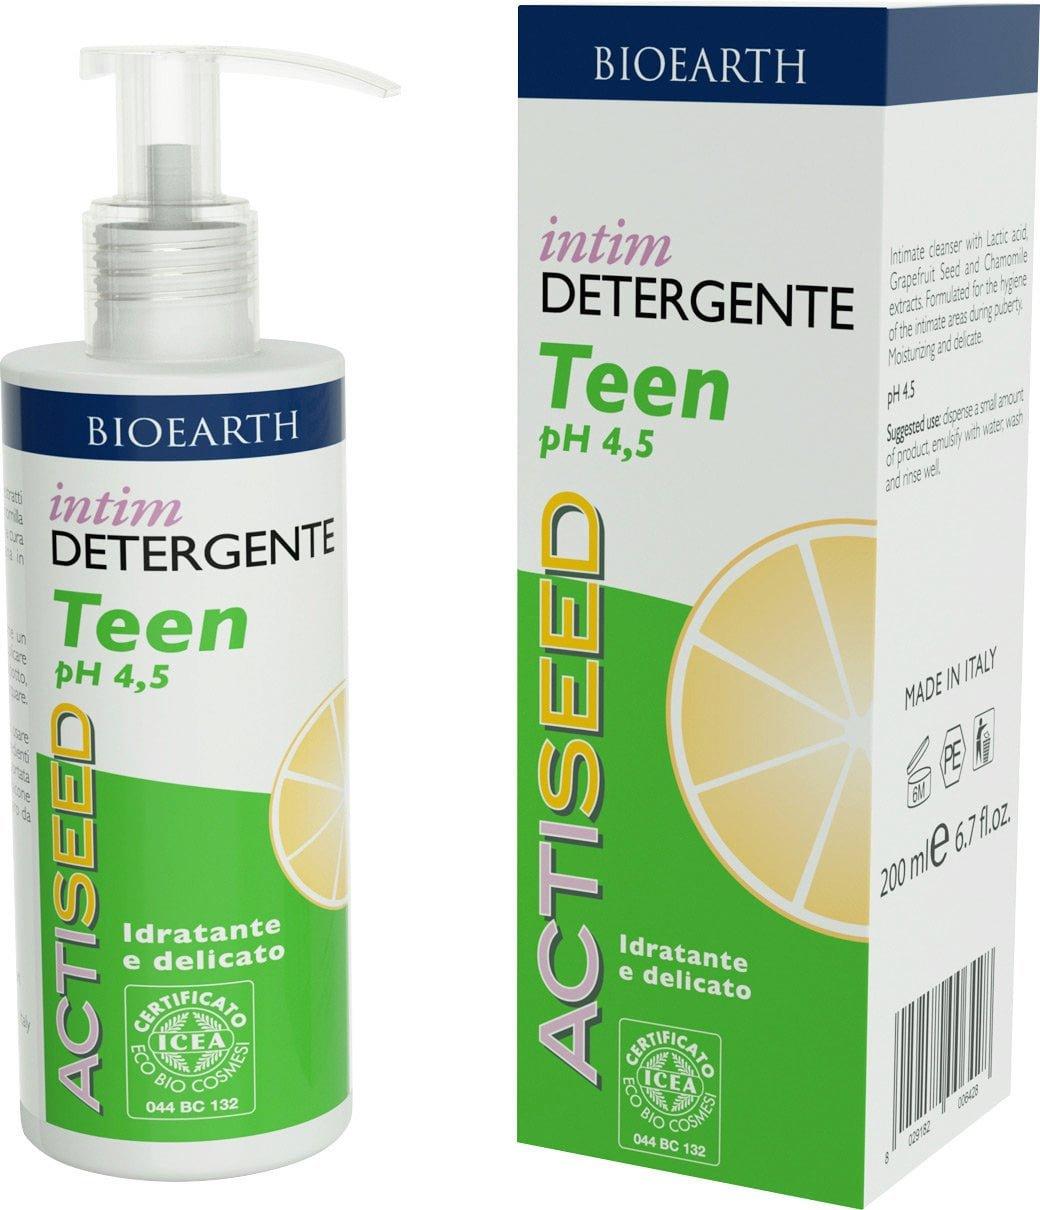 BIOEARTH - Actiseed Intim Detergente Pubertà - Igiene intima quotidiana Idratante e Delicato - Antim